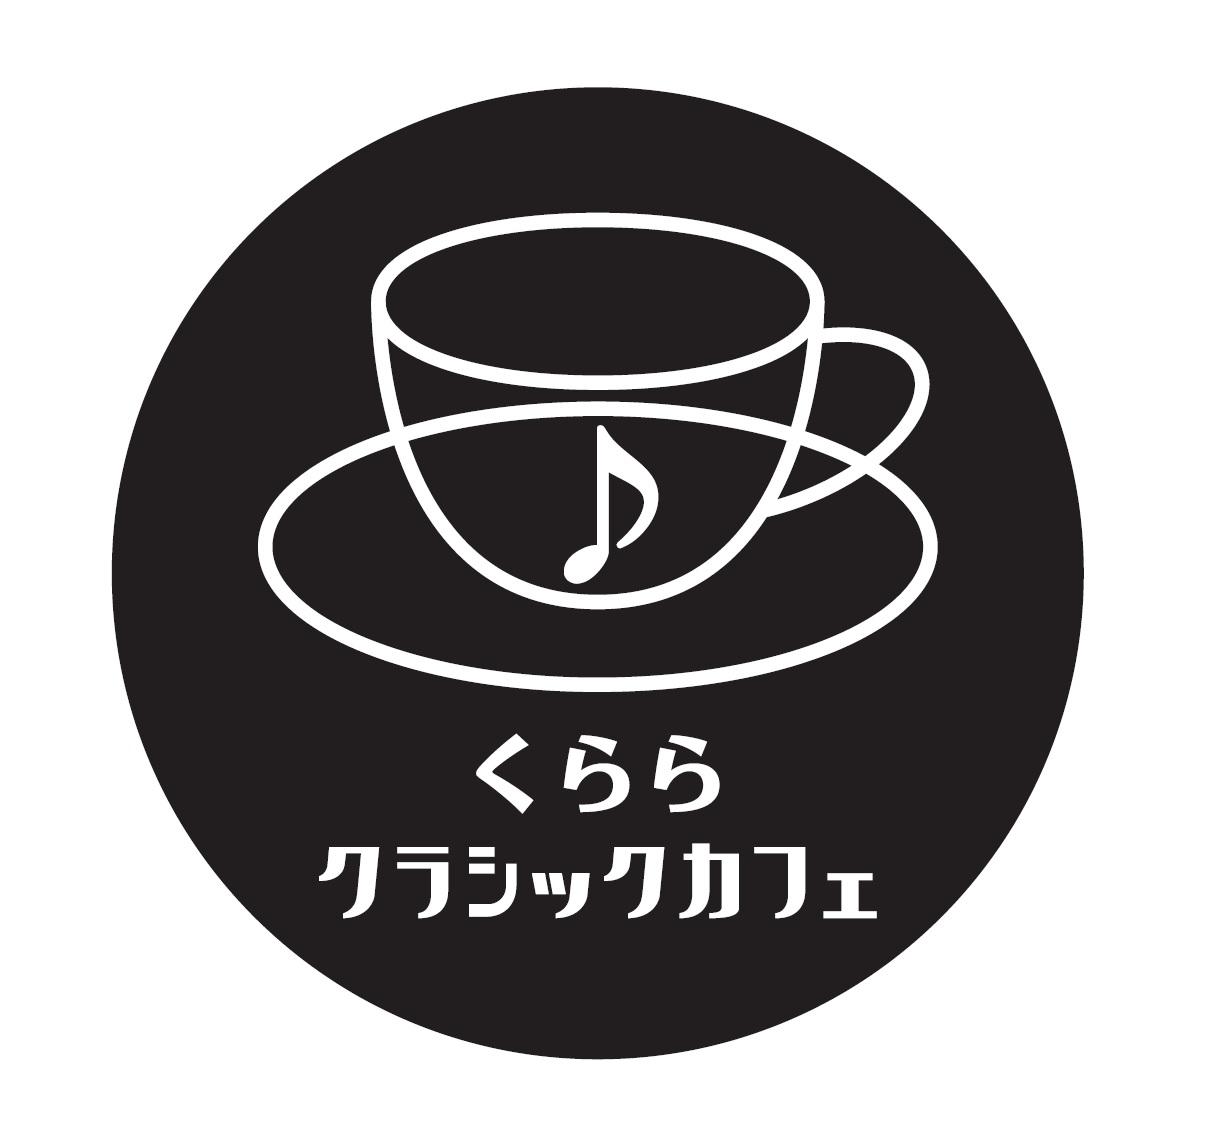 くらら クラシック・カフェ